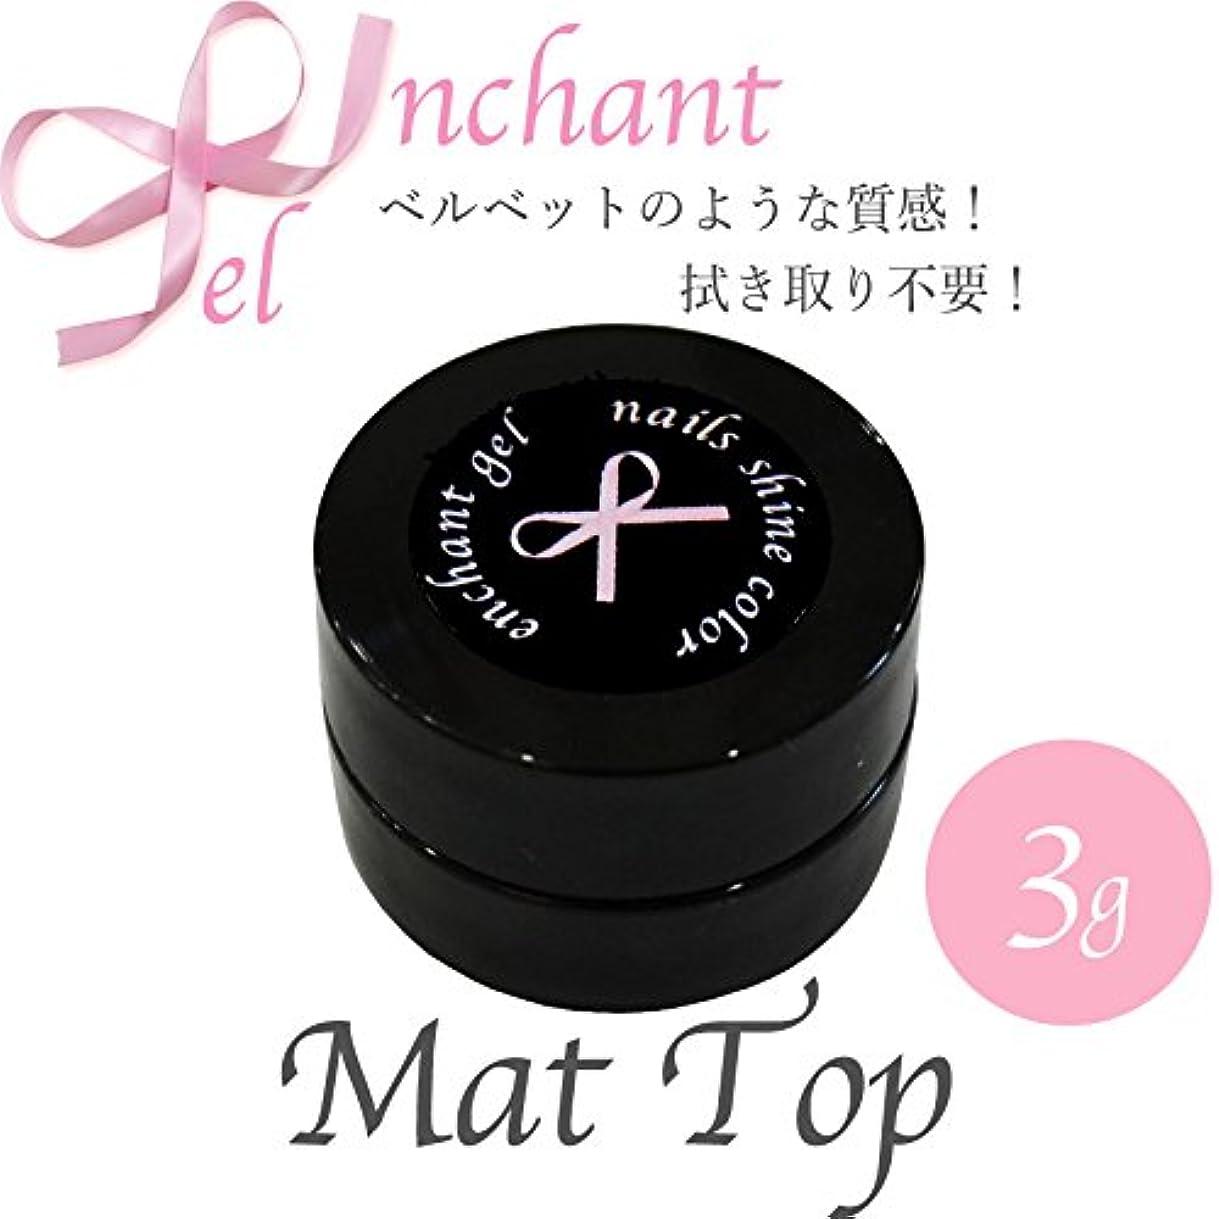 欠伸キャプテンブライ粘液enchant gel mat top coat gel 3g/エンチャントジェル マットトップコートジェル 3グラム